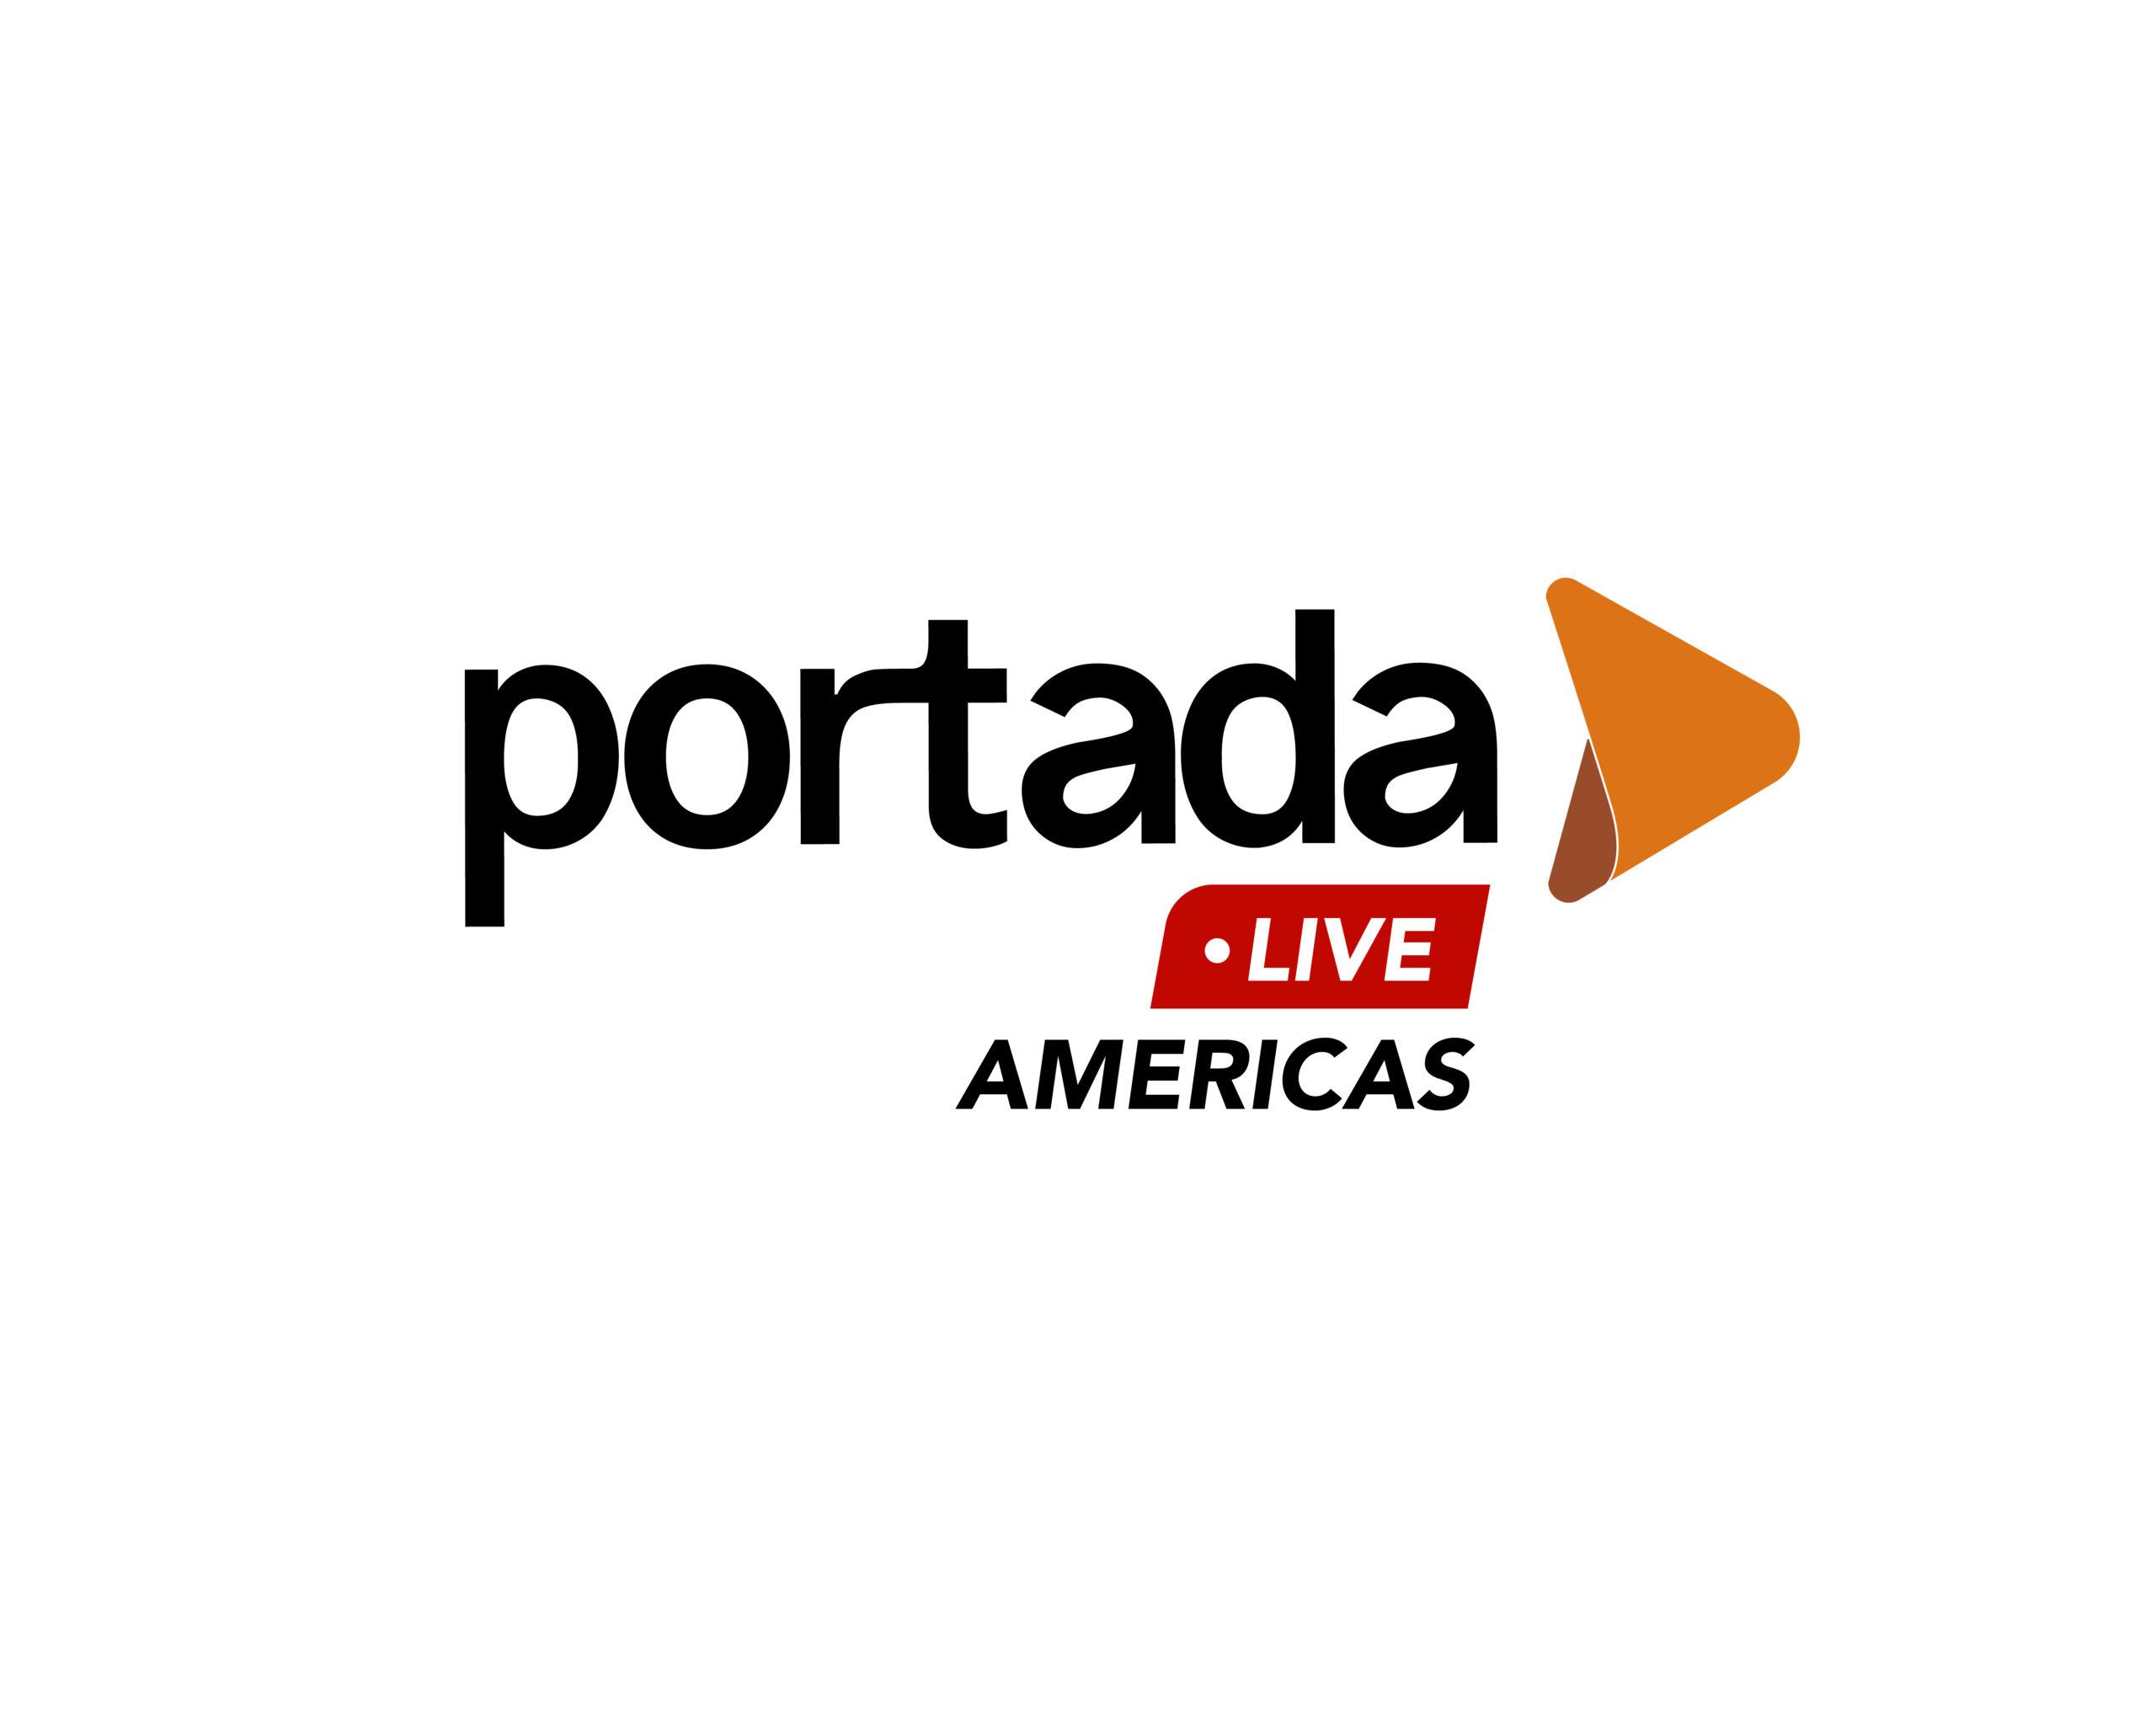 Portada Live Americas